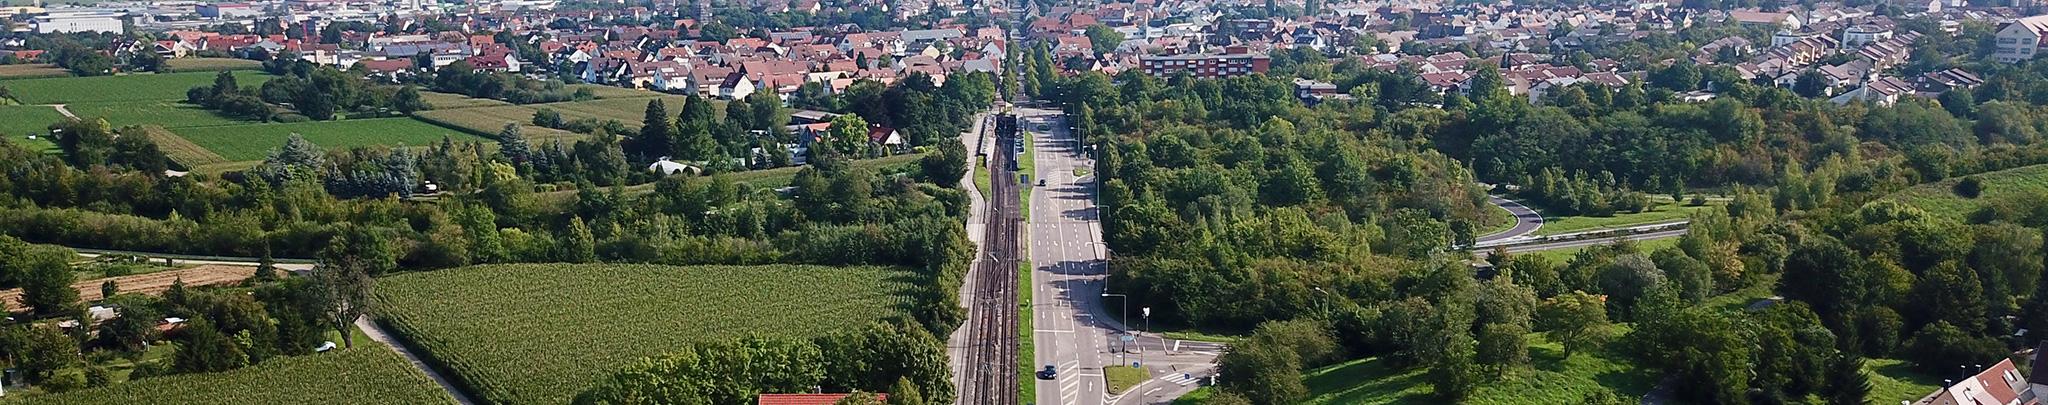 Luftbild Weilimdorf Solitudestraße. Foto © Hans-Martin Goede